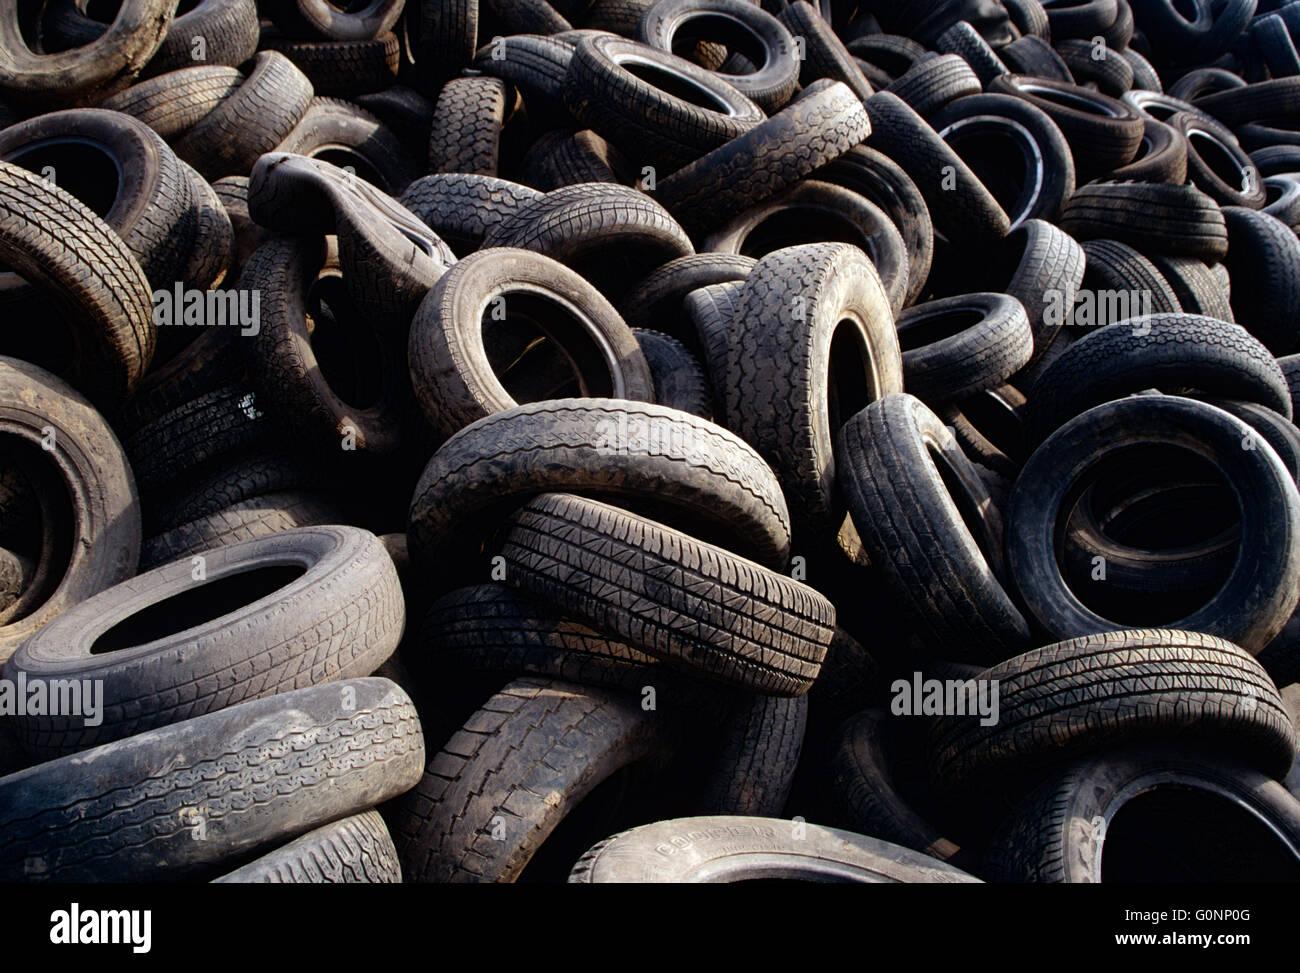 Discarica piena di vecchi pneumatici per automobile; upstate Pennsylvania; USA Immagini Stock